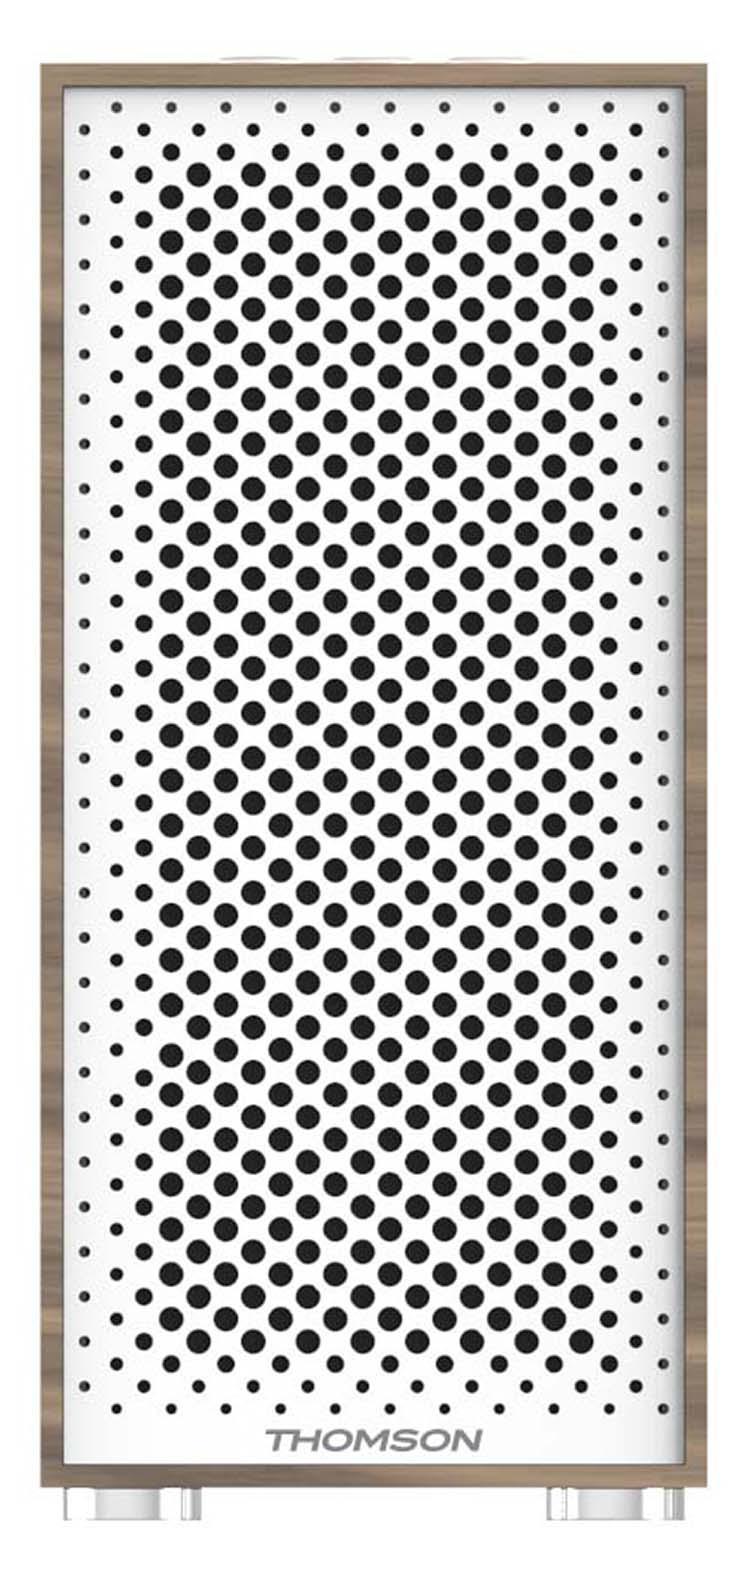 Speaker THOMSON Multiroom (White) - Image   #2